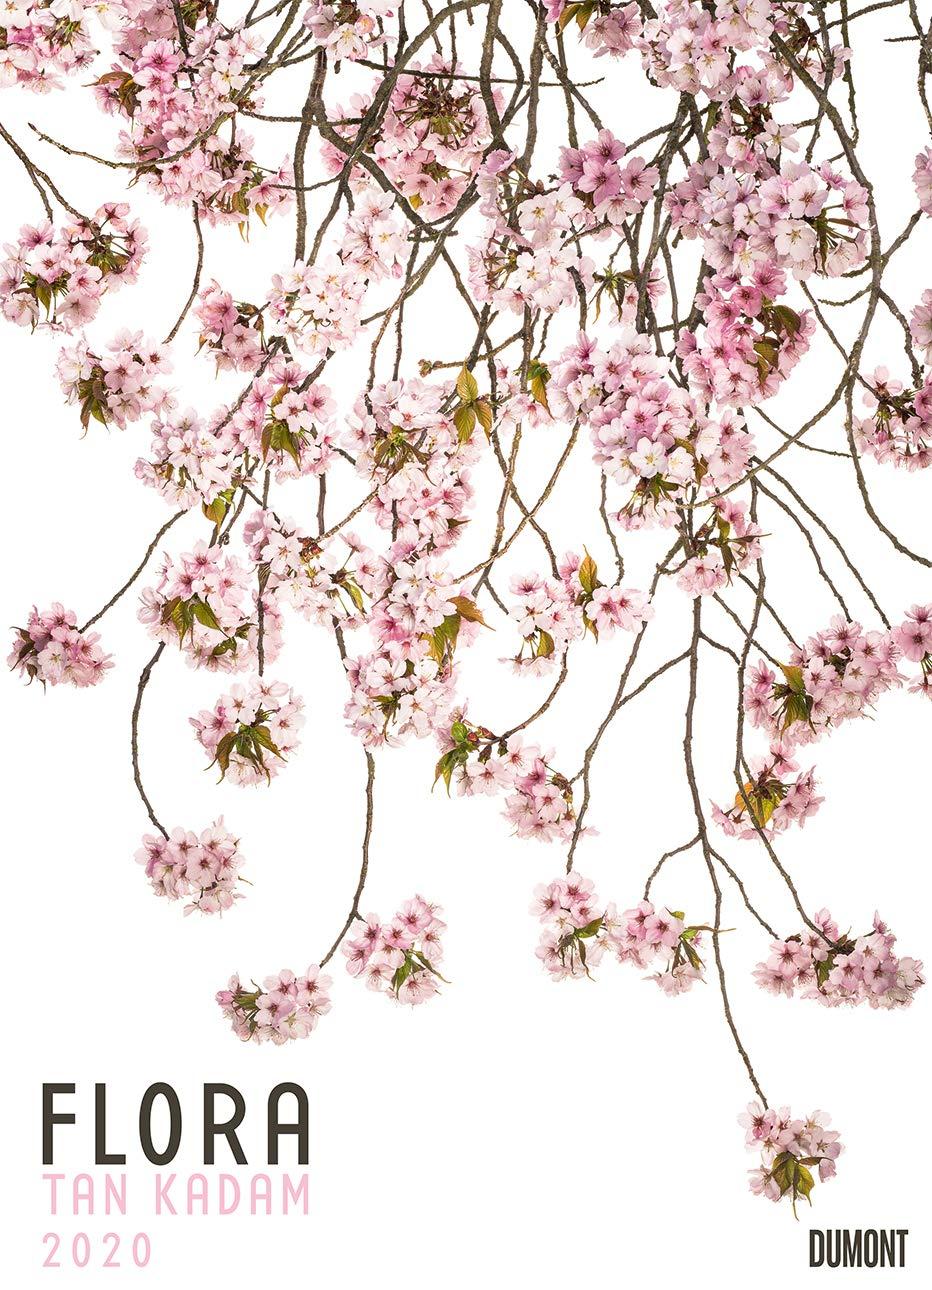 Flora 2020 – Blumen Kalender Von DUMONT– Foto Kunst – Poster Format 495 X 685 Cm